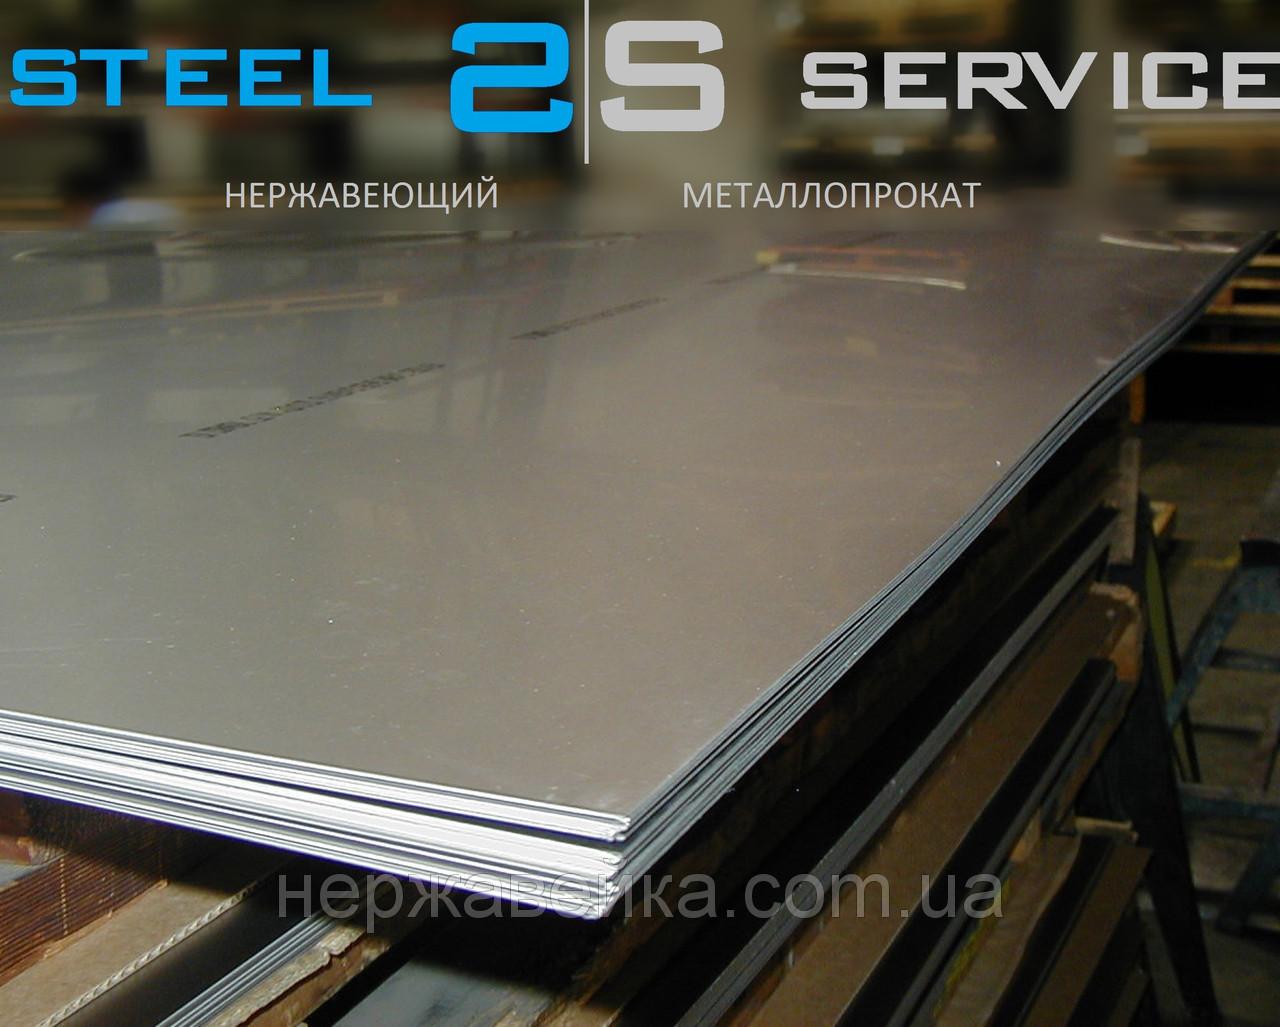 Нержавеющий лист 5х1000х2000мм  AISI 321(08Х18Н10Т) F1 - горячекатанный,  пищевой